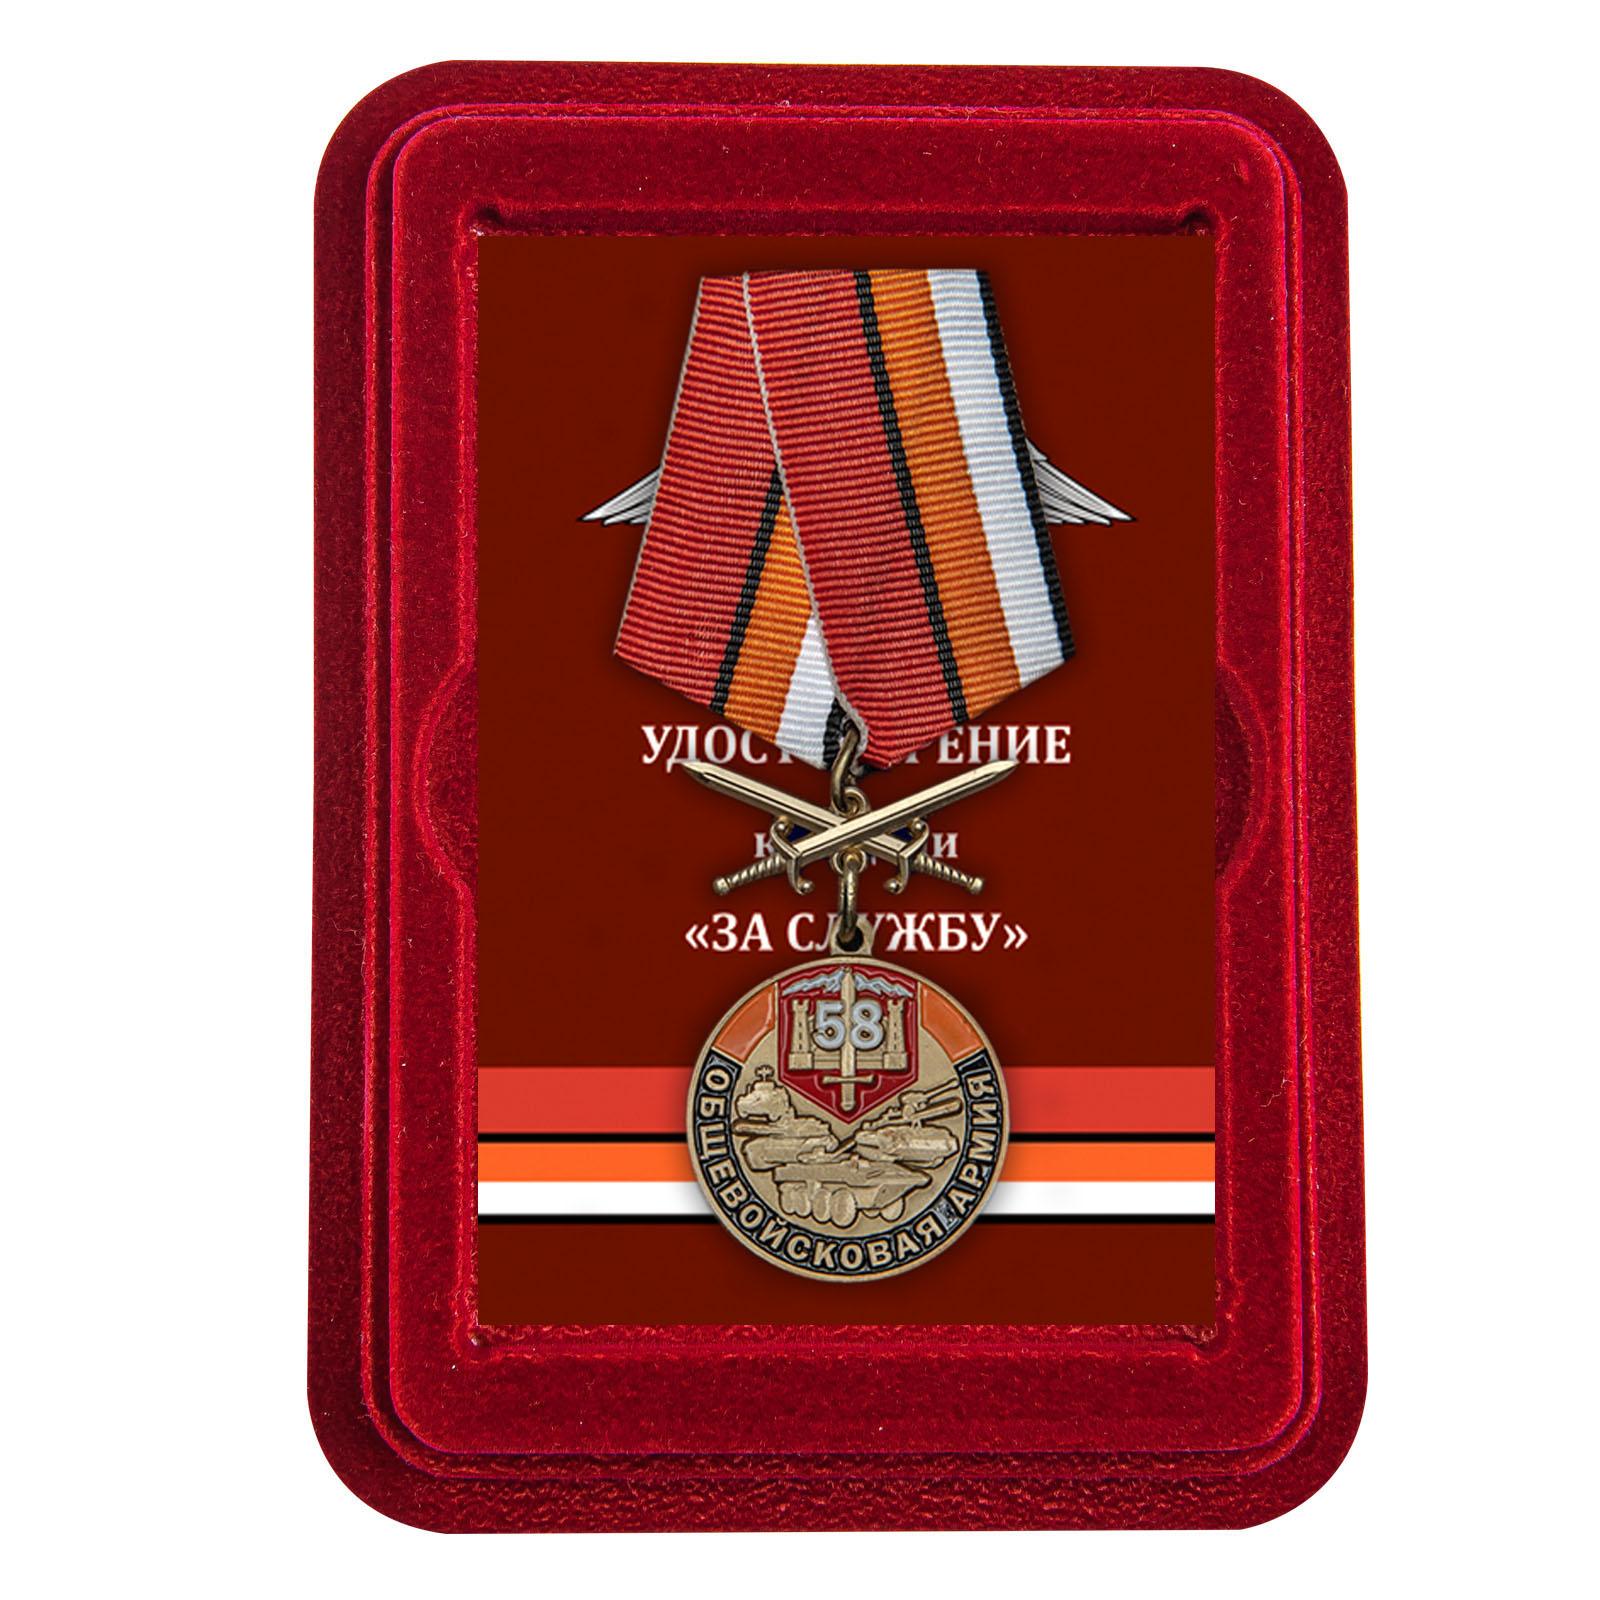 Купить медаль 58 Общевойсковая армия За службу в подарок